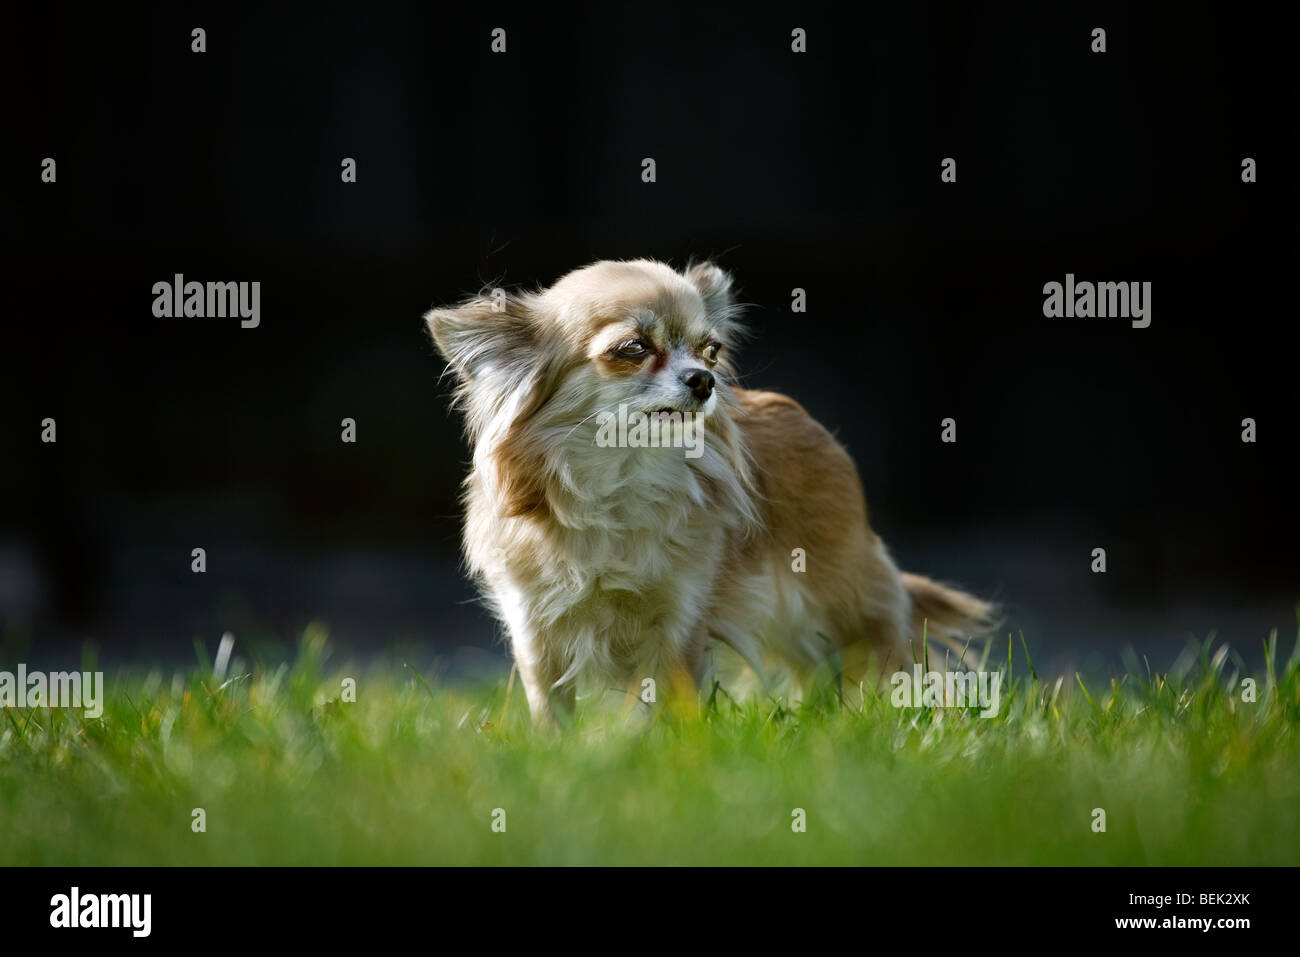 Chihuahua chien sur pelouse au jardin Photo Stock